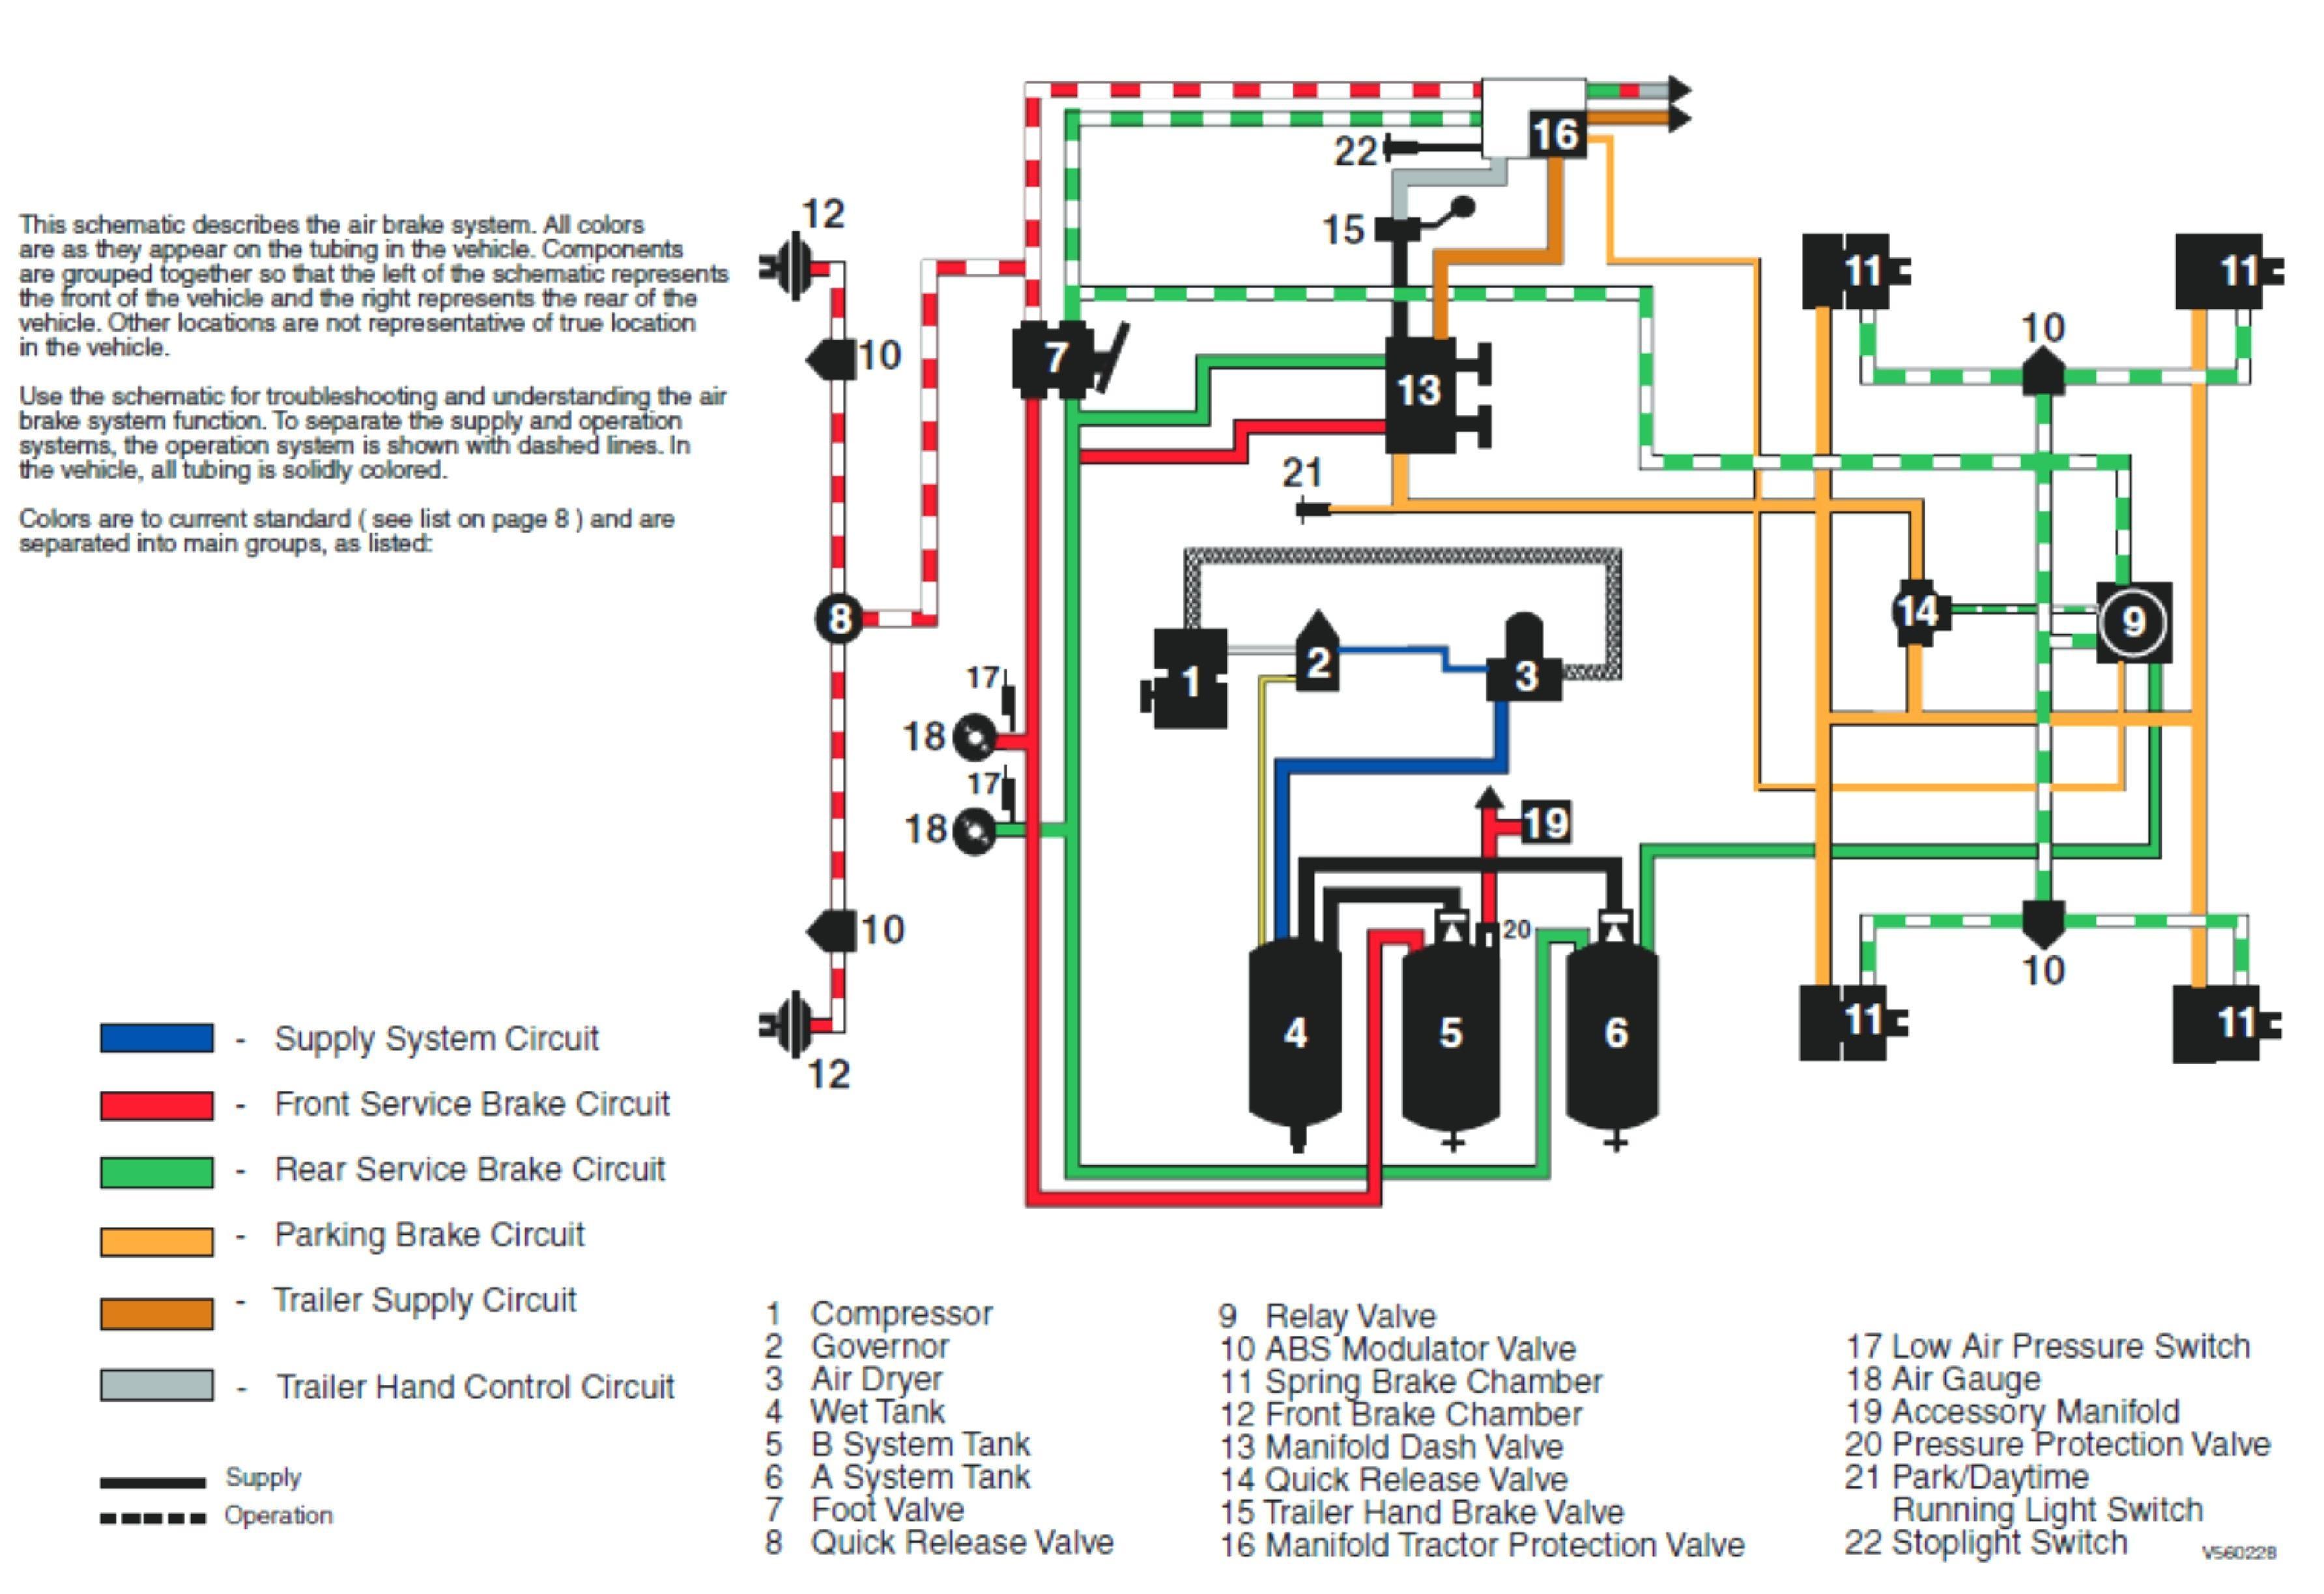 Peterbilt Air System Diagram Diagram] Mack Air Brake Wiring Diagram Full Version Hd Of Peterbilt Air System Diagram